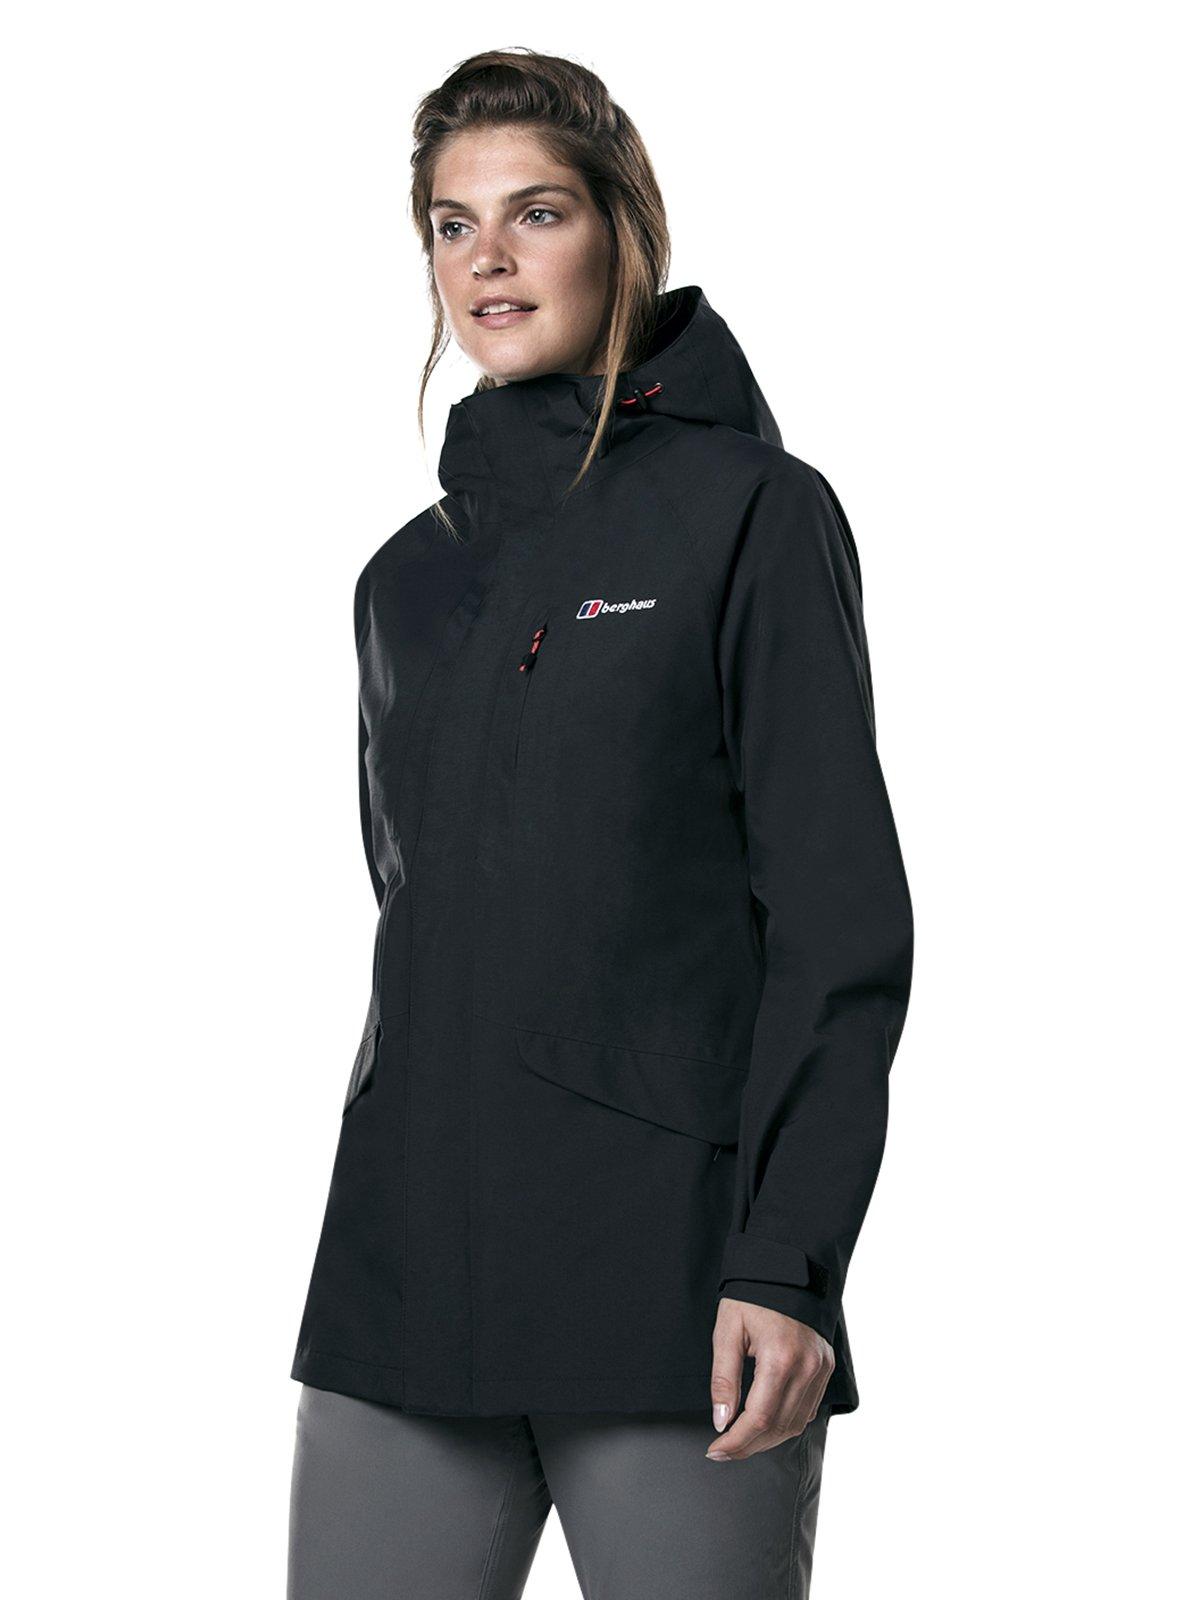 61dqQSb2ZYL - Berghaus Women's Hillmaster Gore-tex Waterproof Jacket